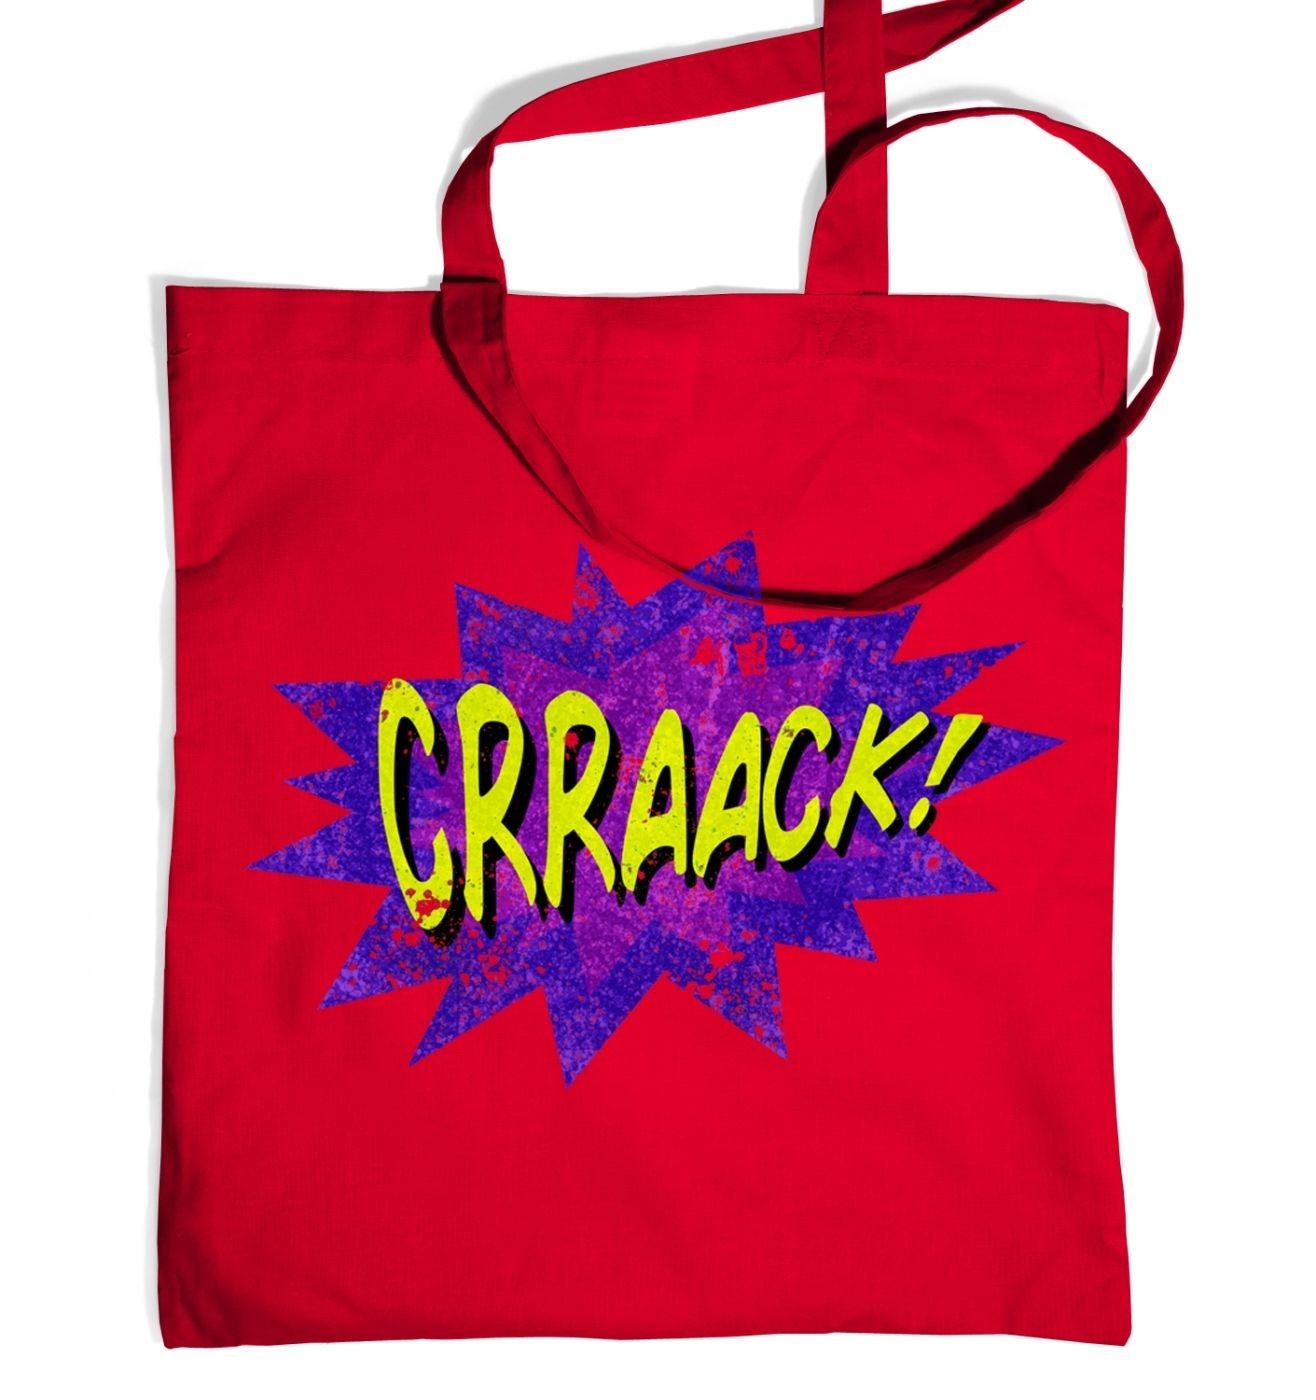 Crraaack tote bag